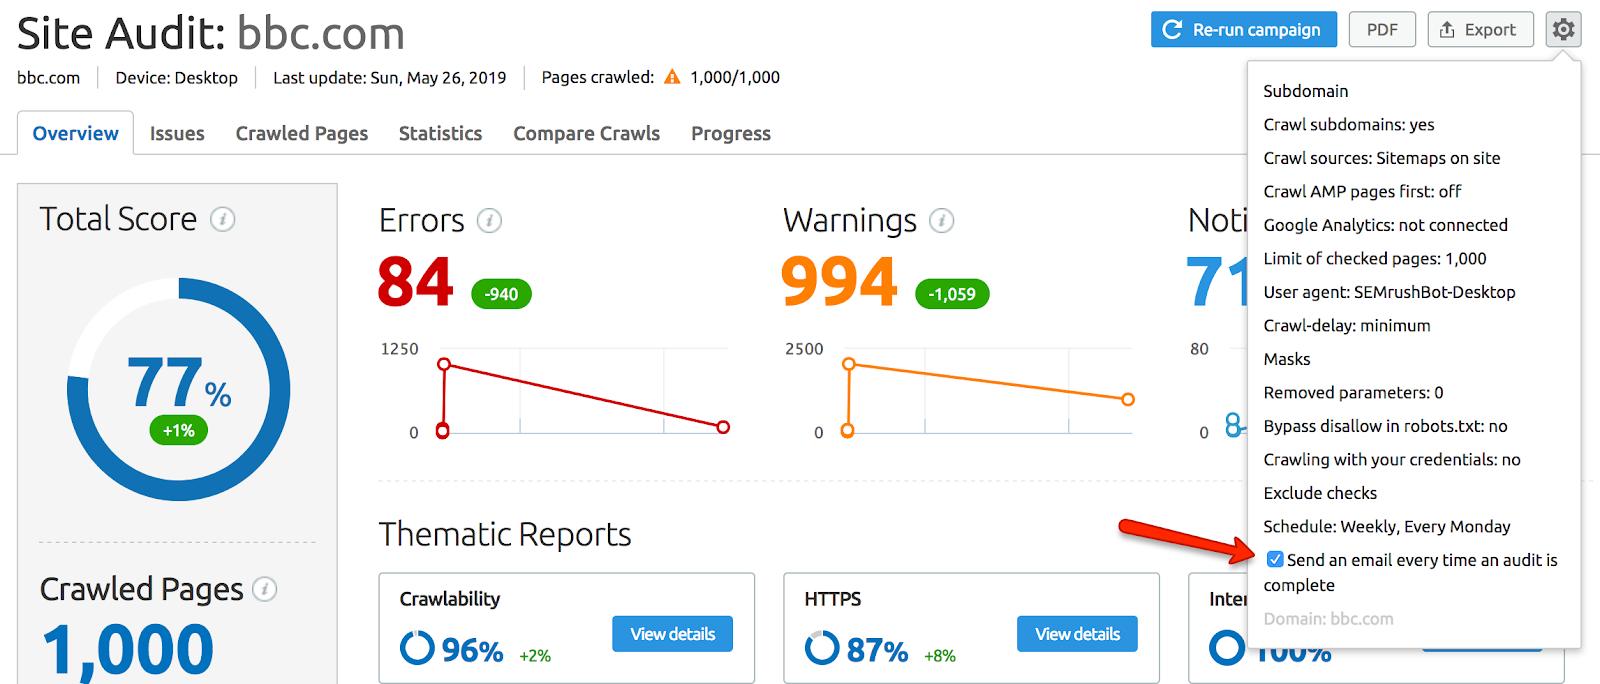 Site Audit - Notifications